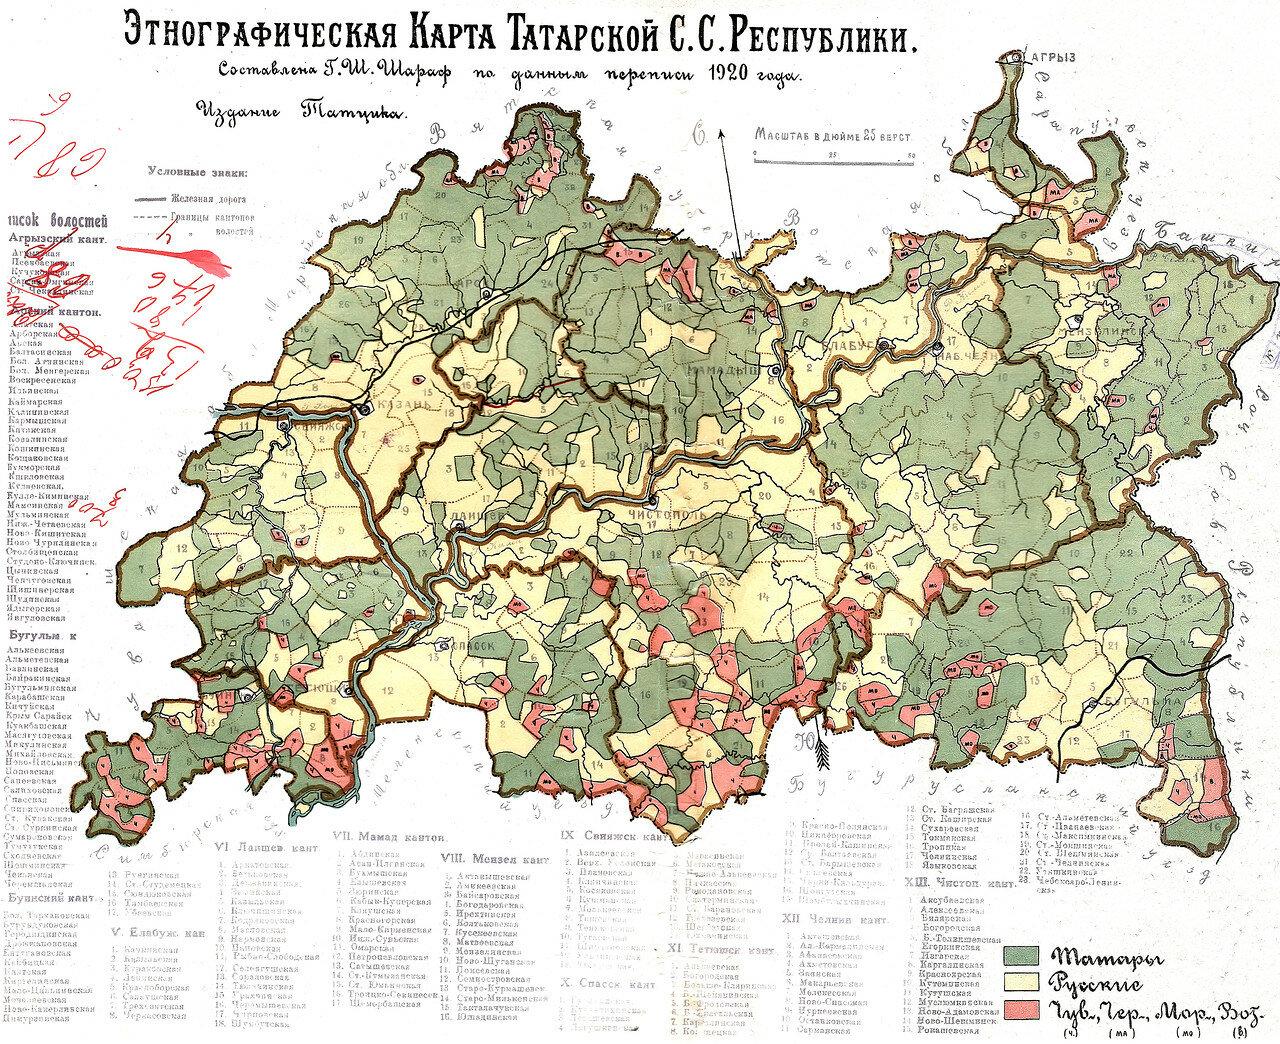 1920. Этнографическая карта Татарской ССР